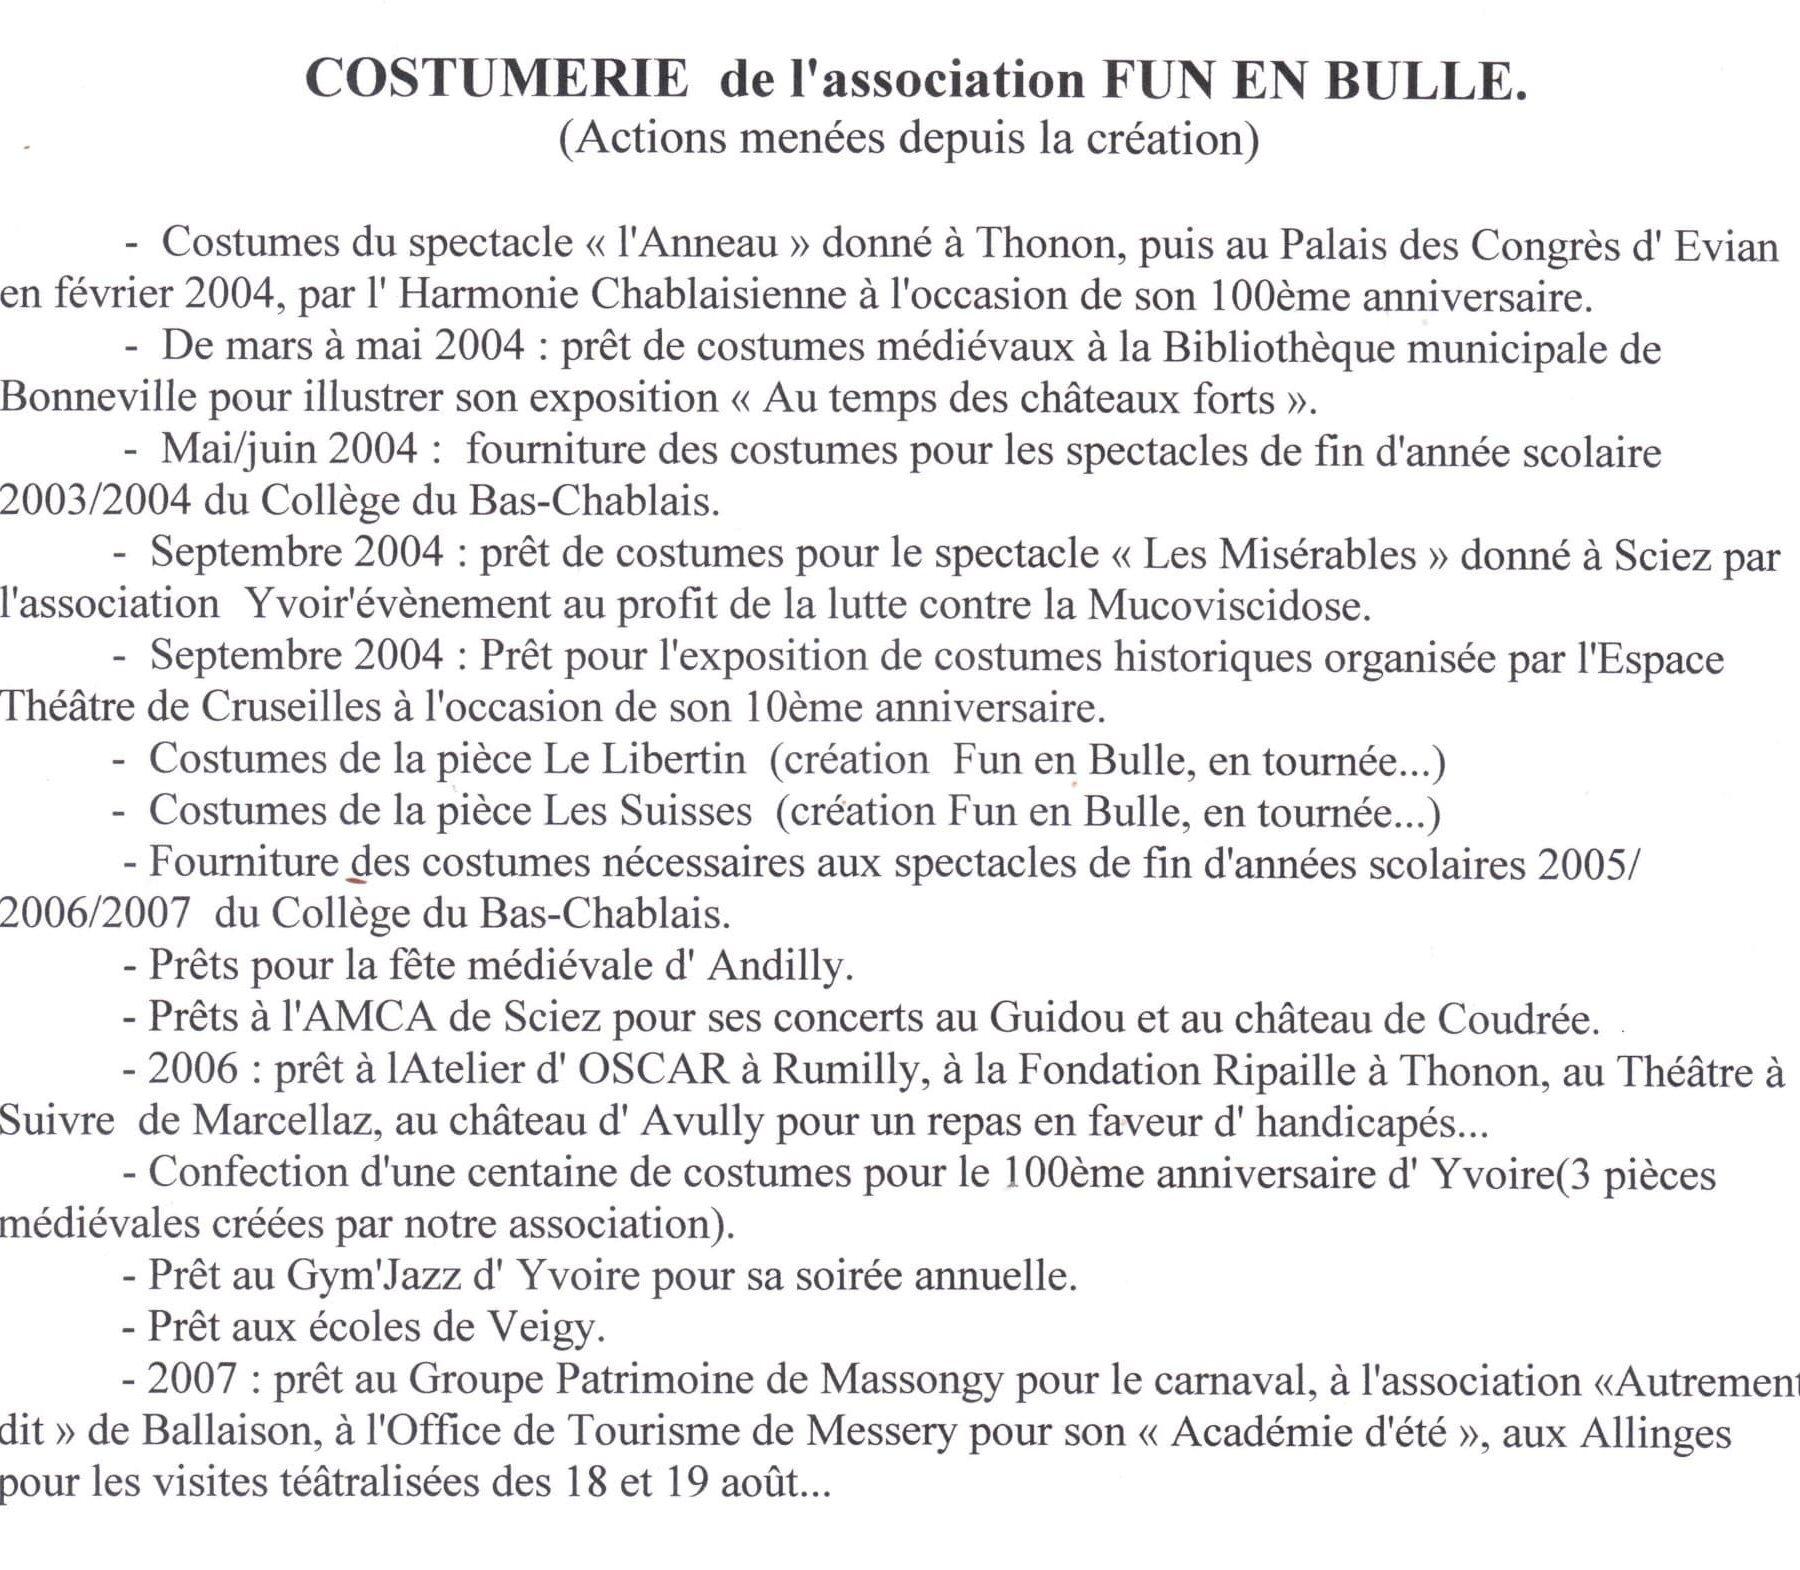 costumerie-texte[1]